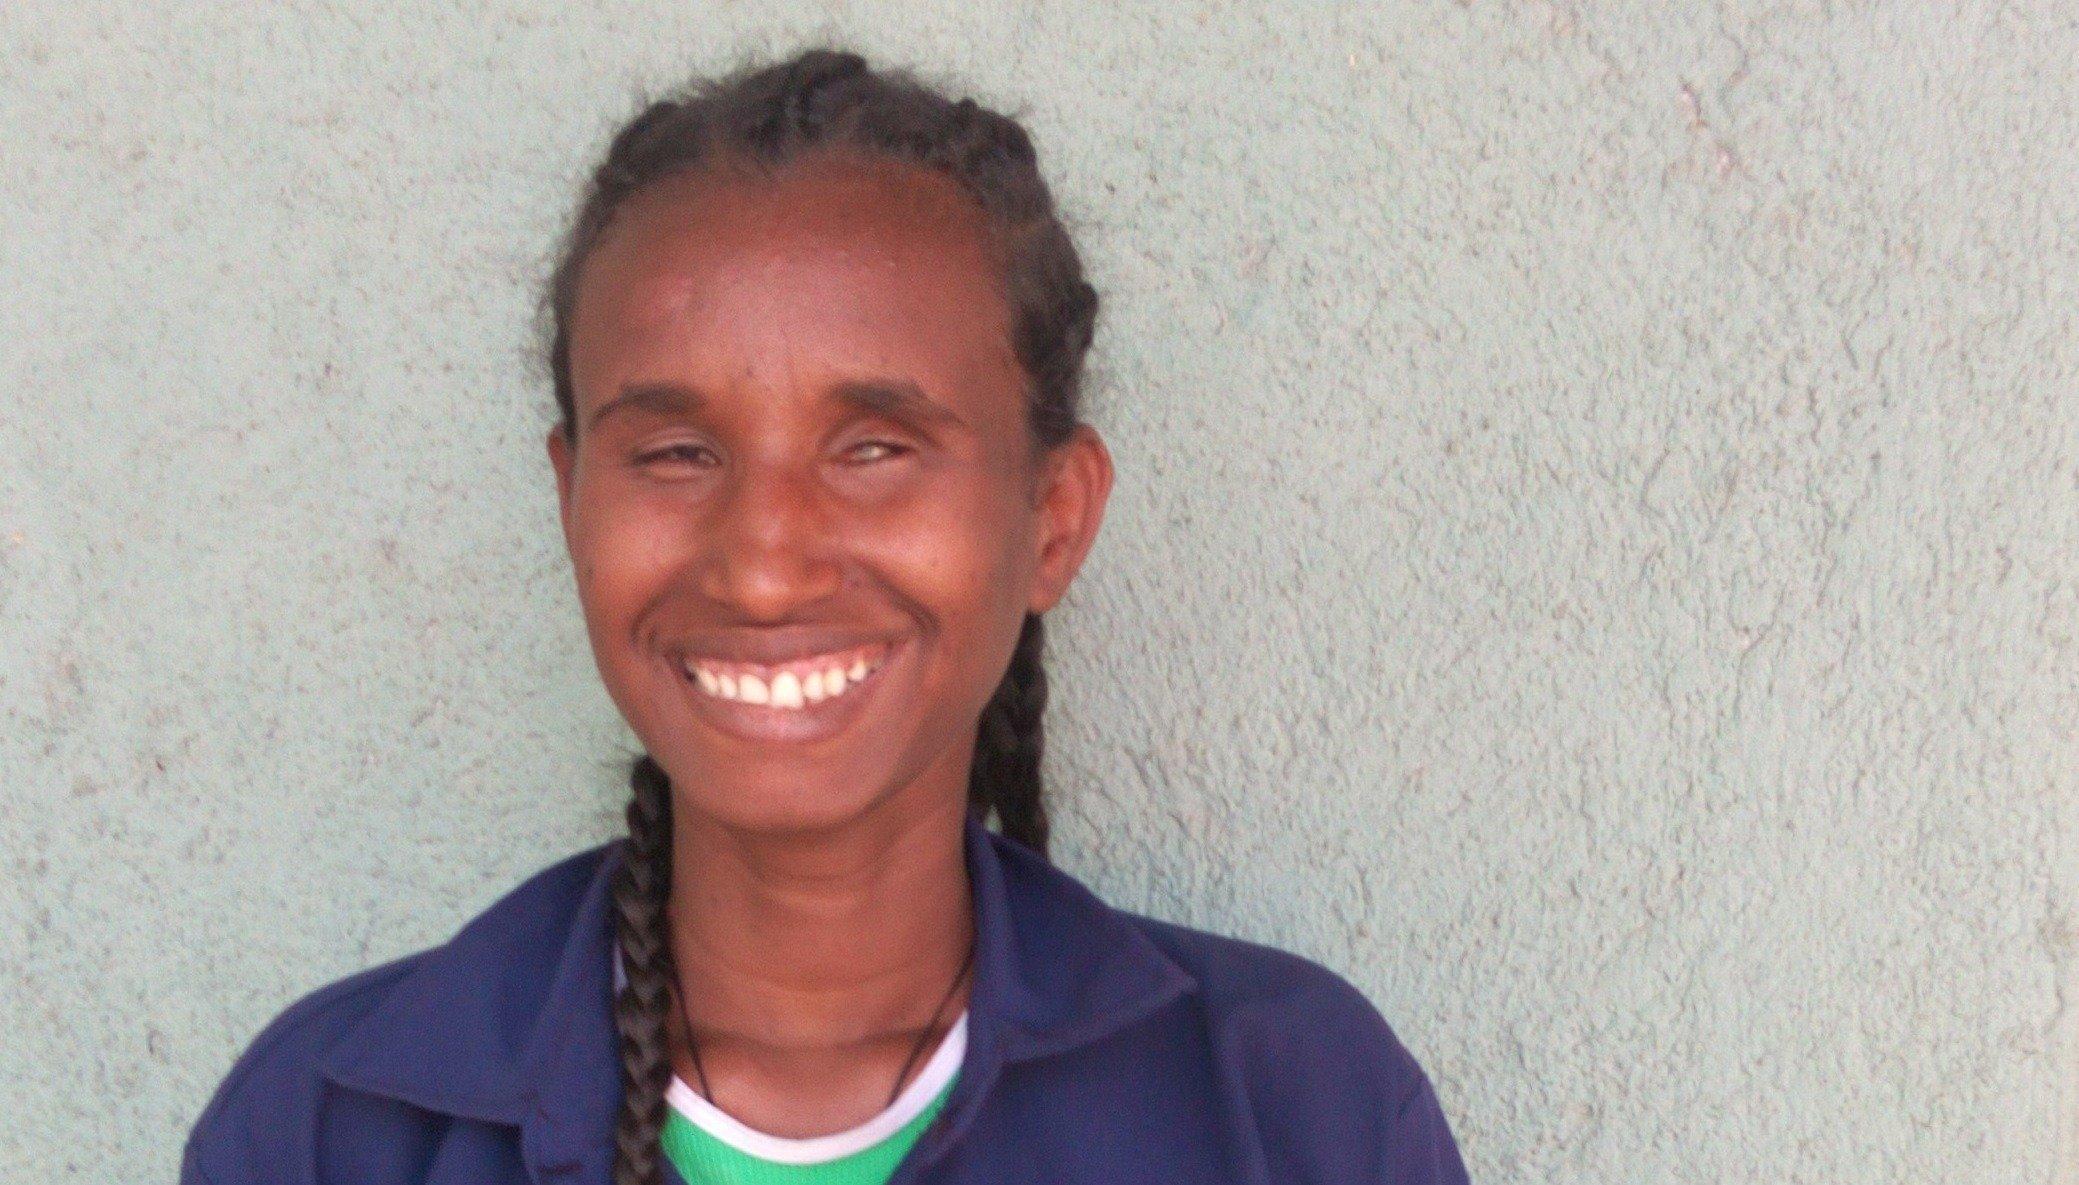 Blinde junge Frau lächelt in die Kamera.